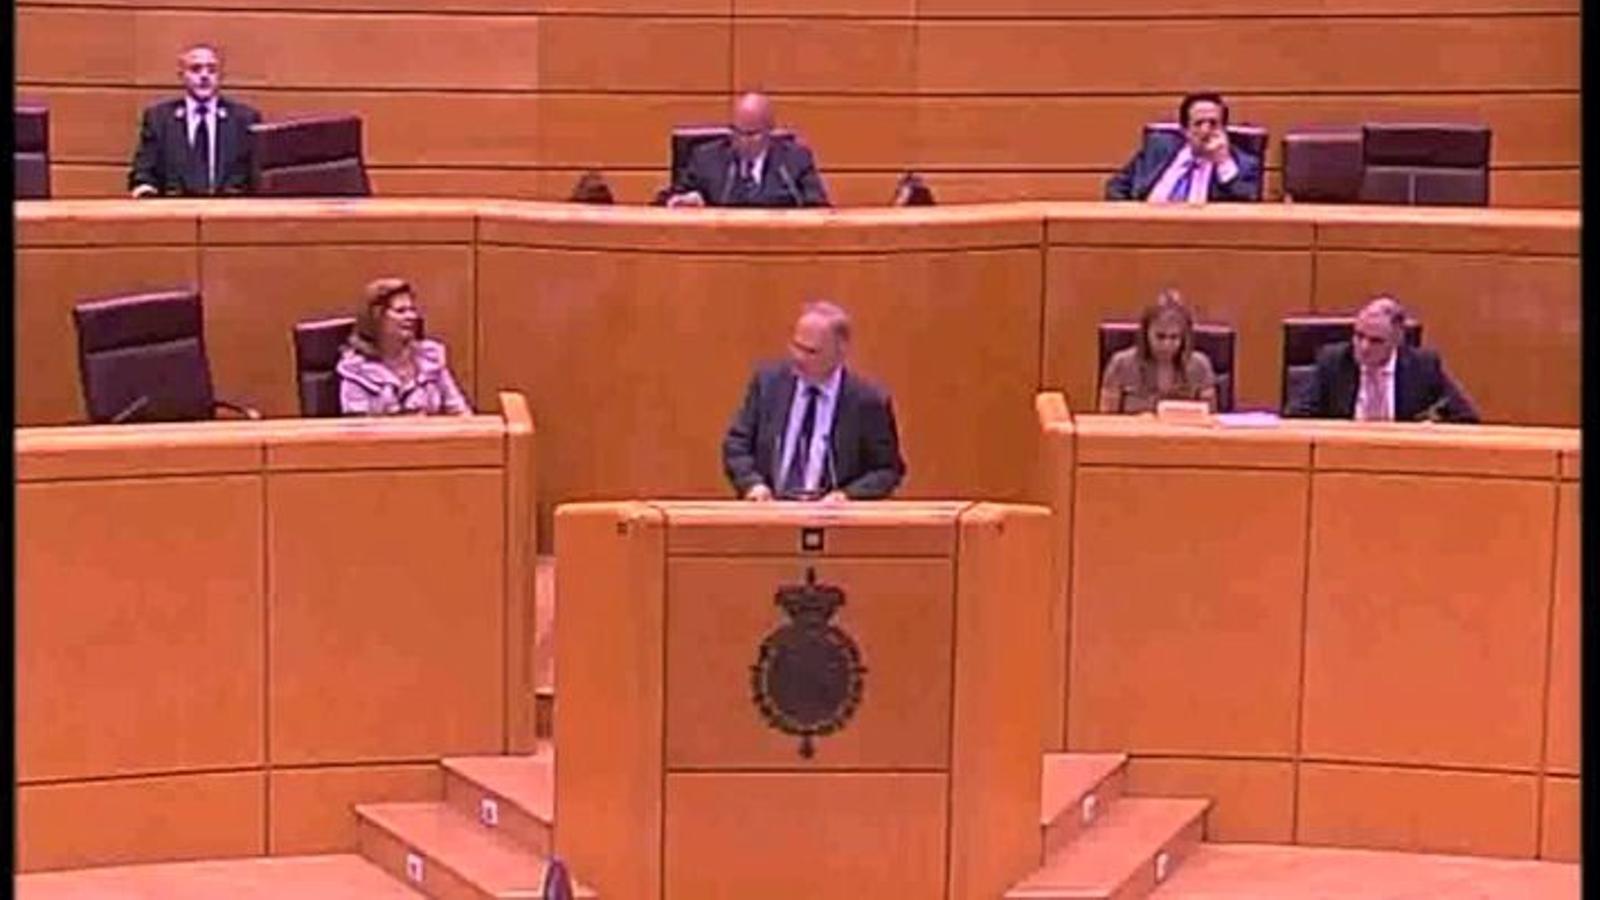 ERC intenta parlar en català al Senat i el president de la cambra adverteix que el reglament no ho permet